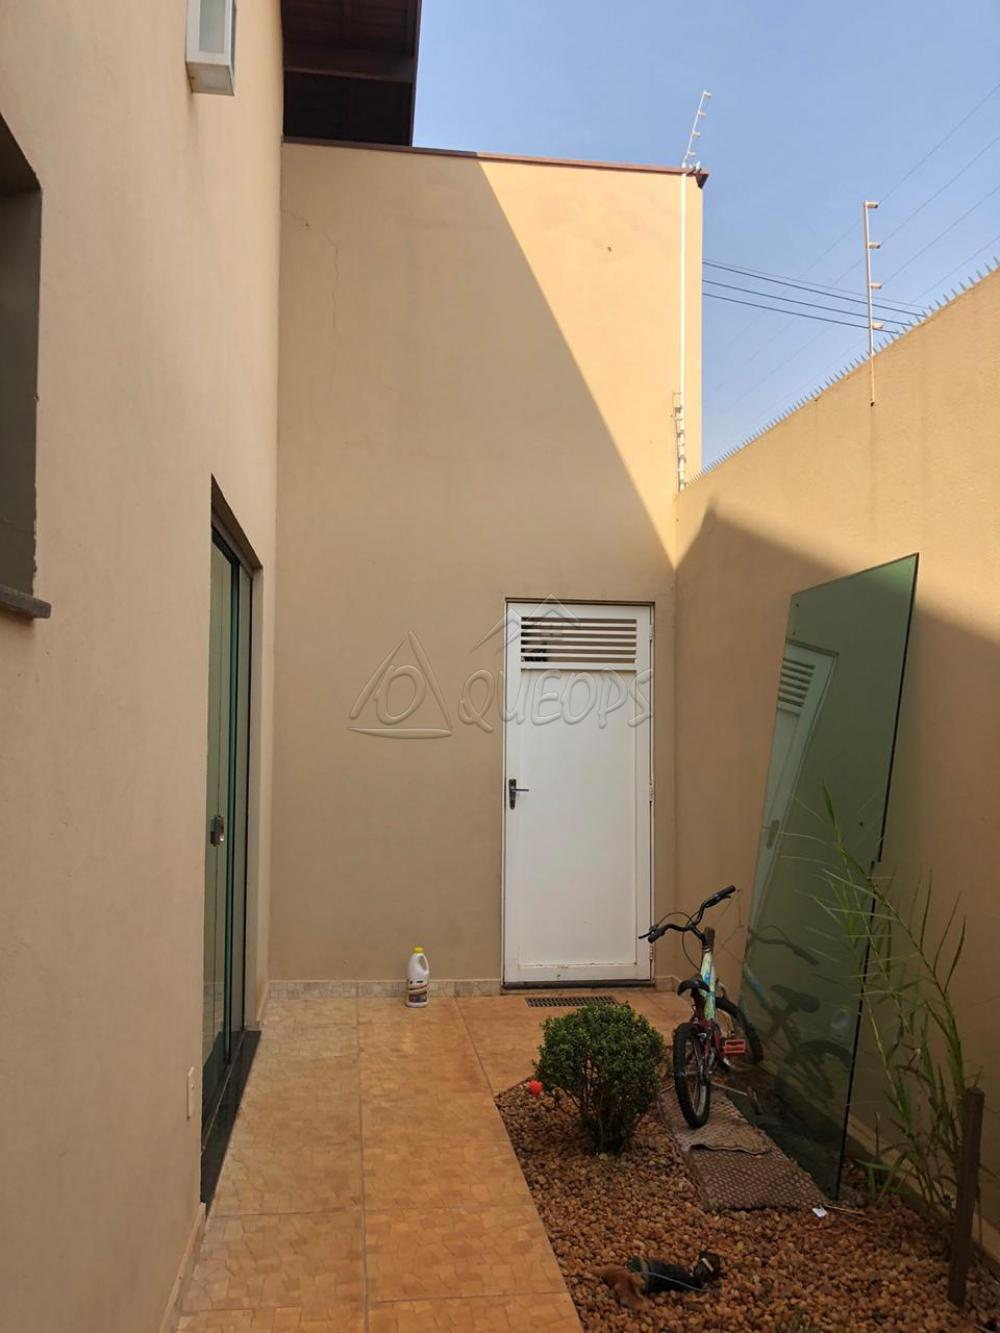 Comprar Casa / Padrão em Barretos apenas R$ 750.000,00 - Foto 14